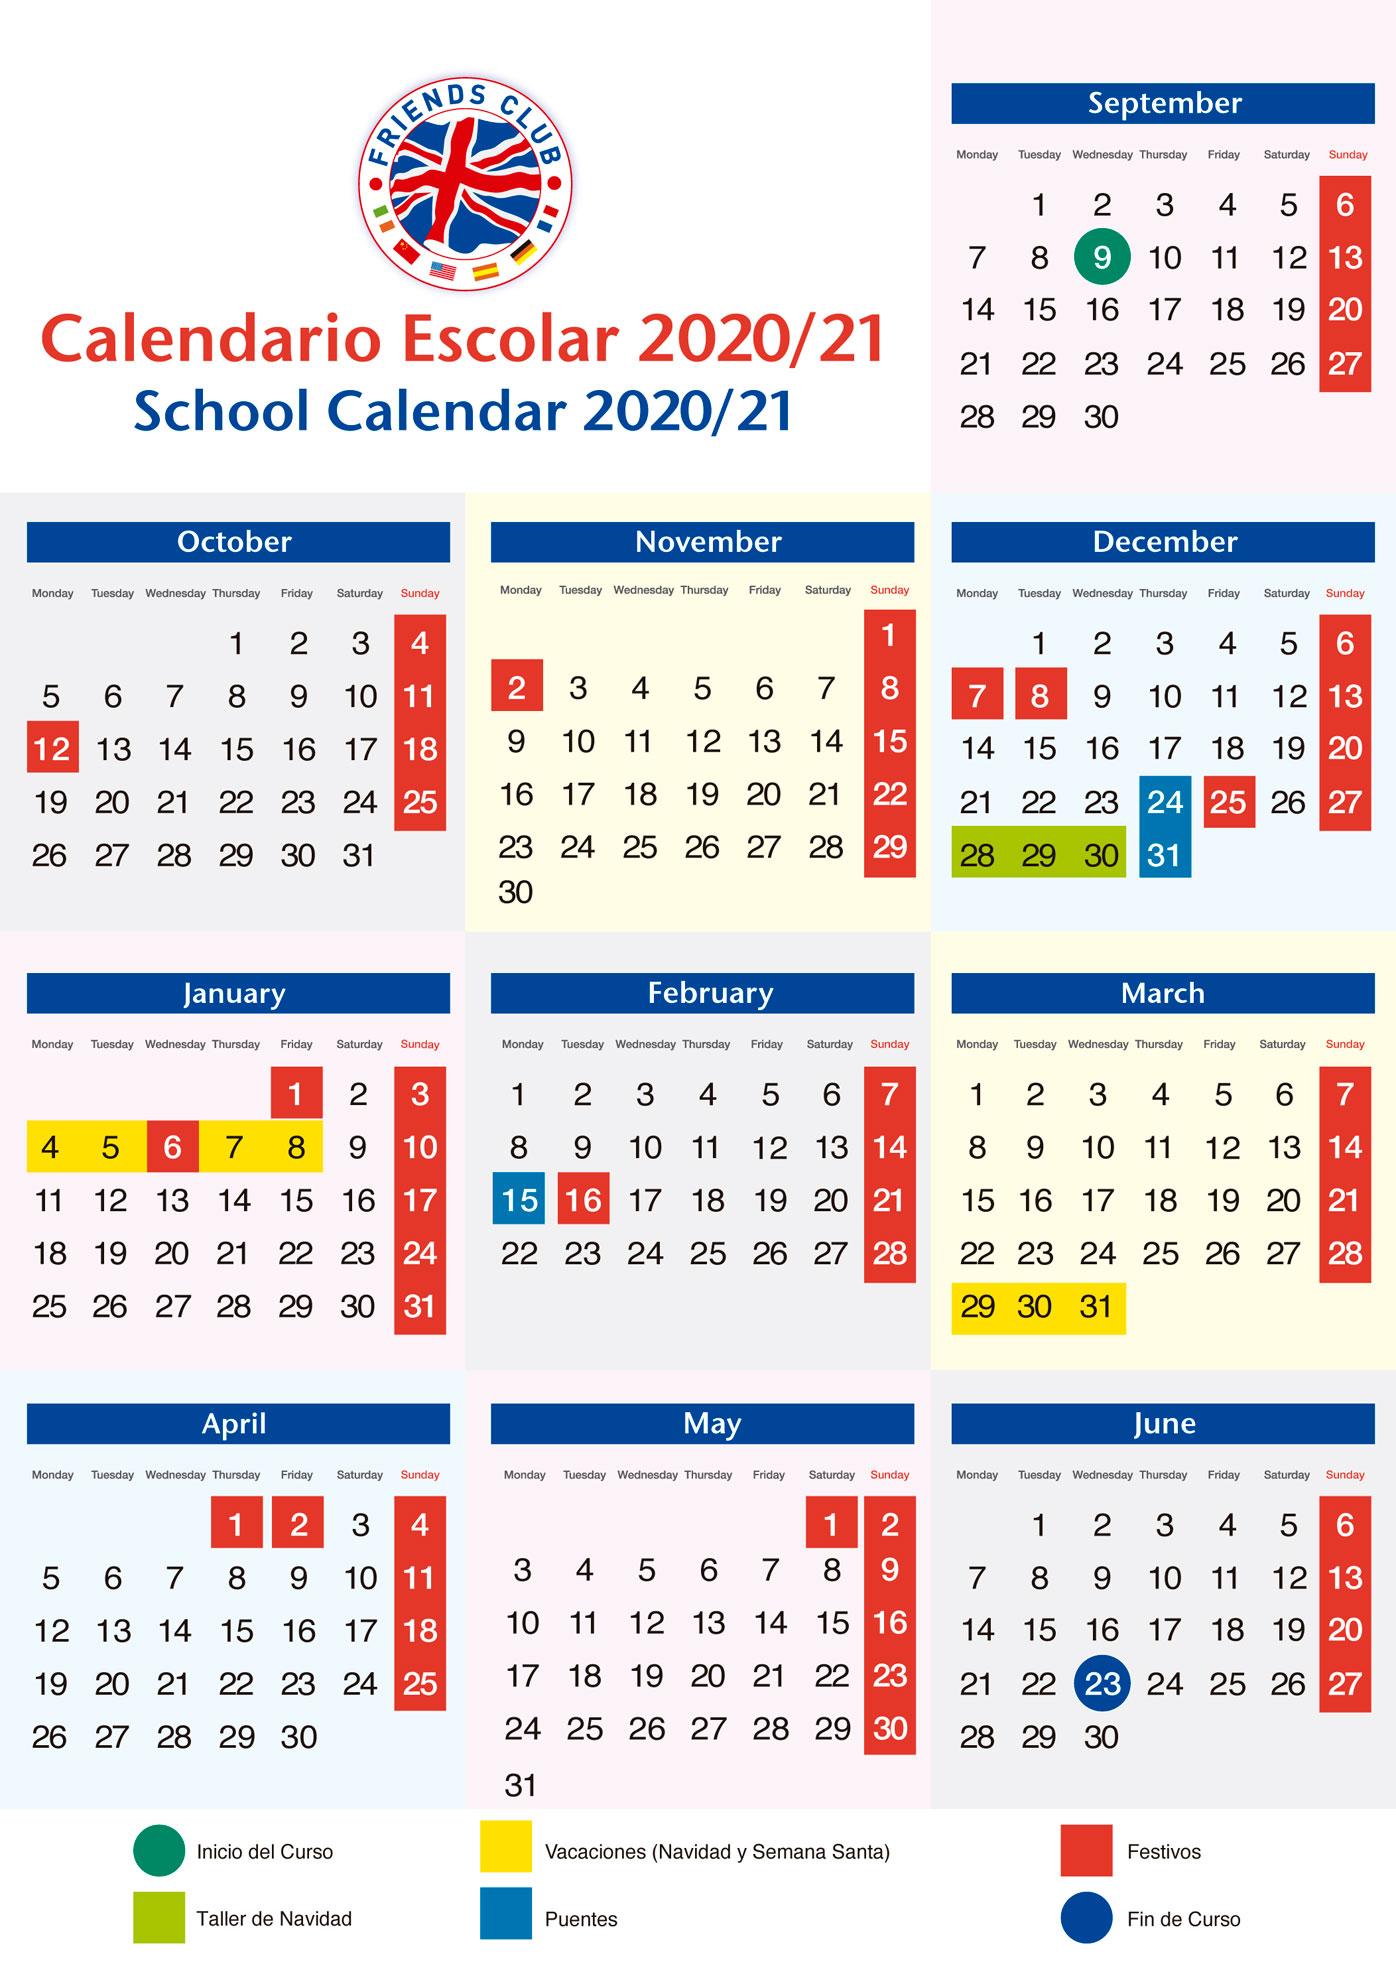 Calendario-escolar-fc-20-21